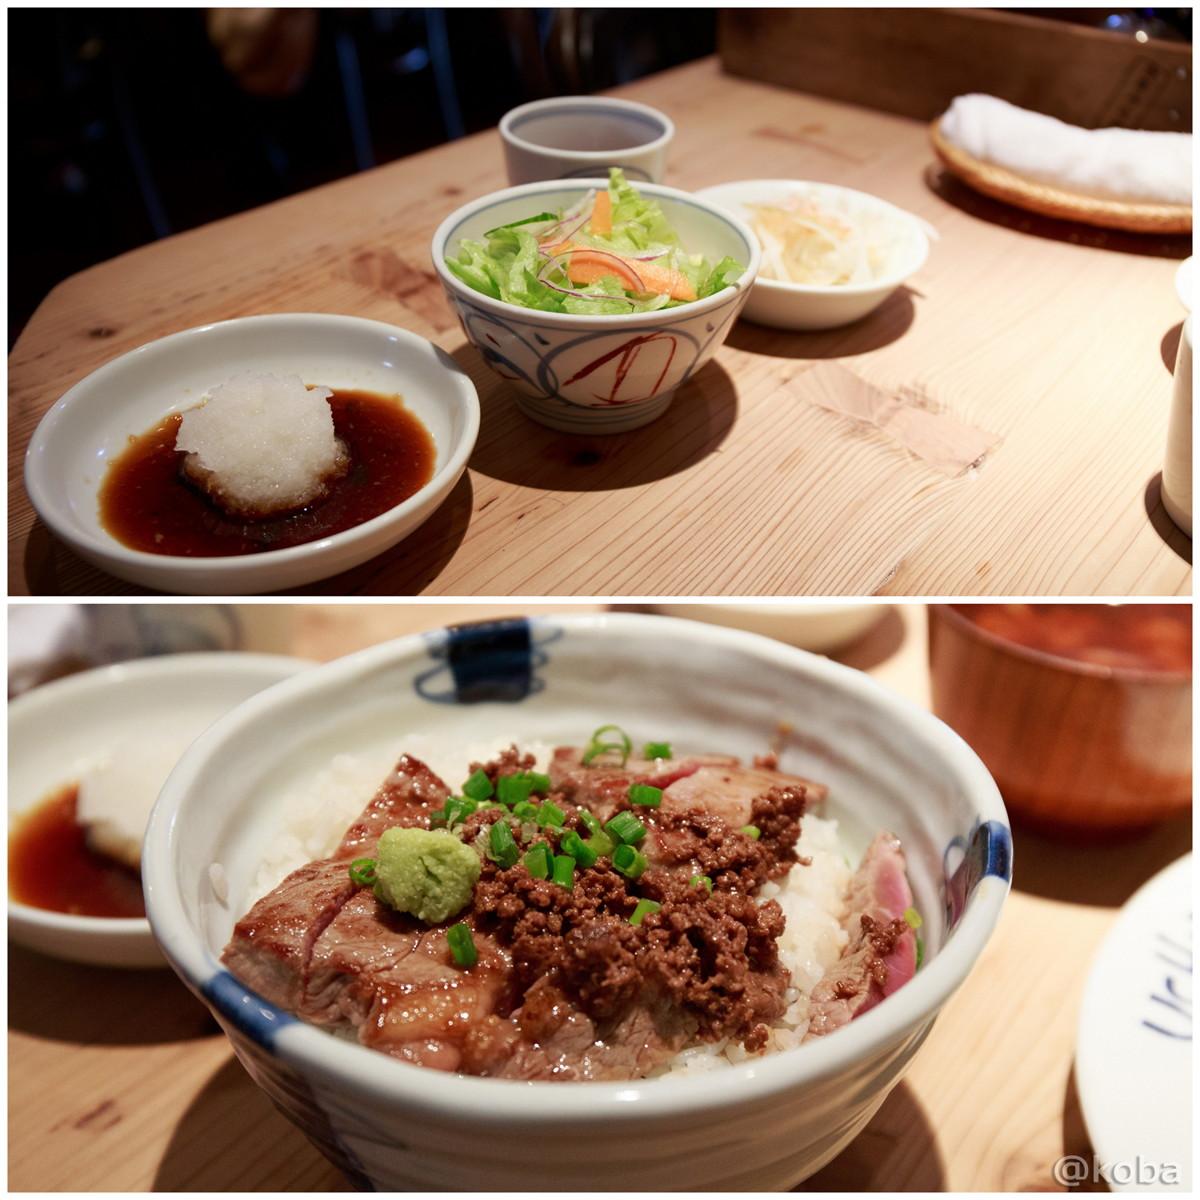 ダブルステーキ丼 サラダ オニオンサラダ オニオンソース 味噌汁